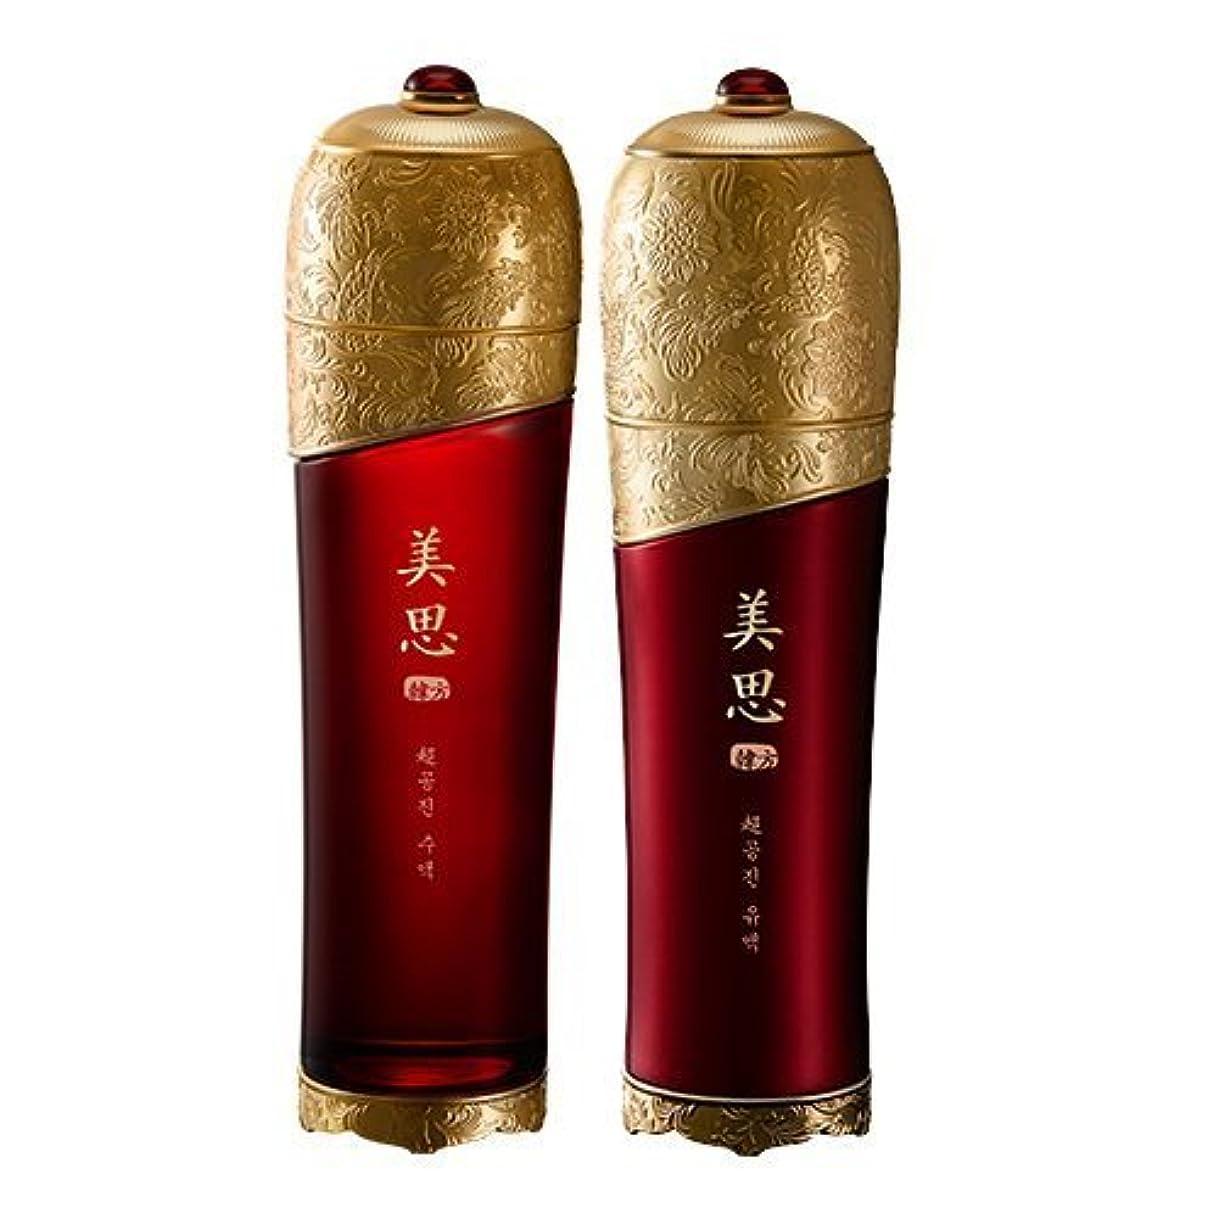 言い直すグレードめんどりMISSHA(ミシャ) 美思 韓方 チョゴンジン 基礎化粧品 スキンケア 化粧水+乳液=お得2種Set